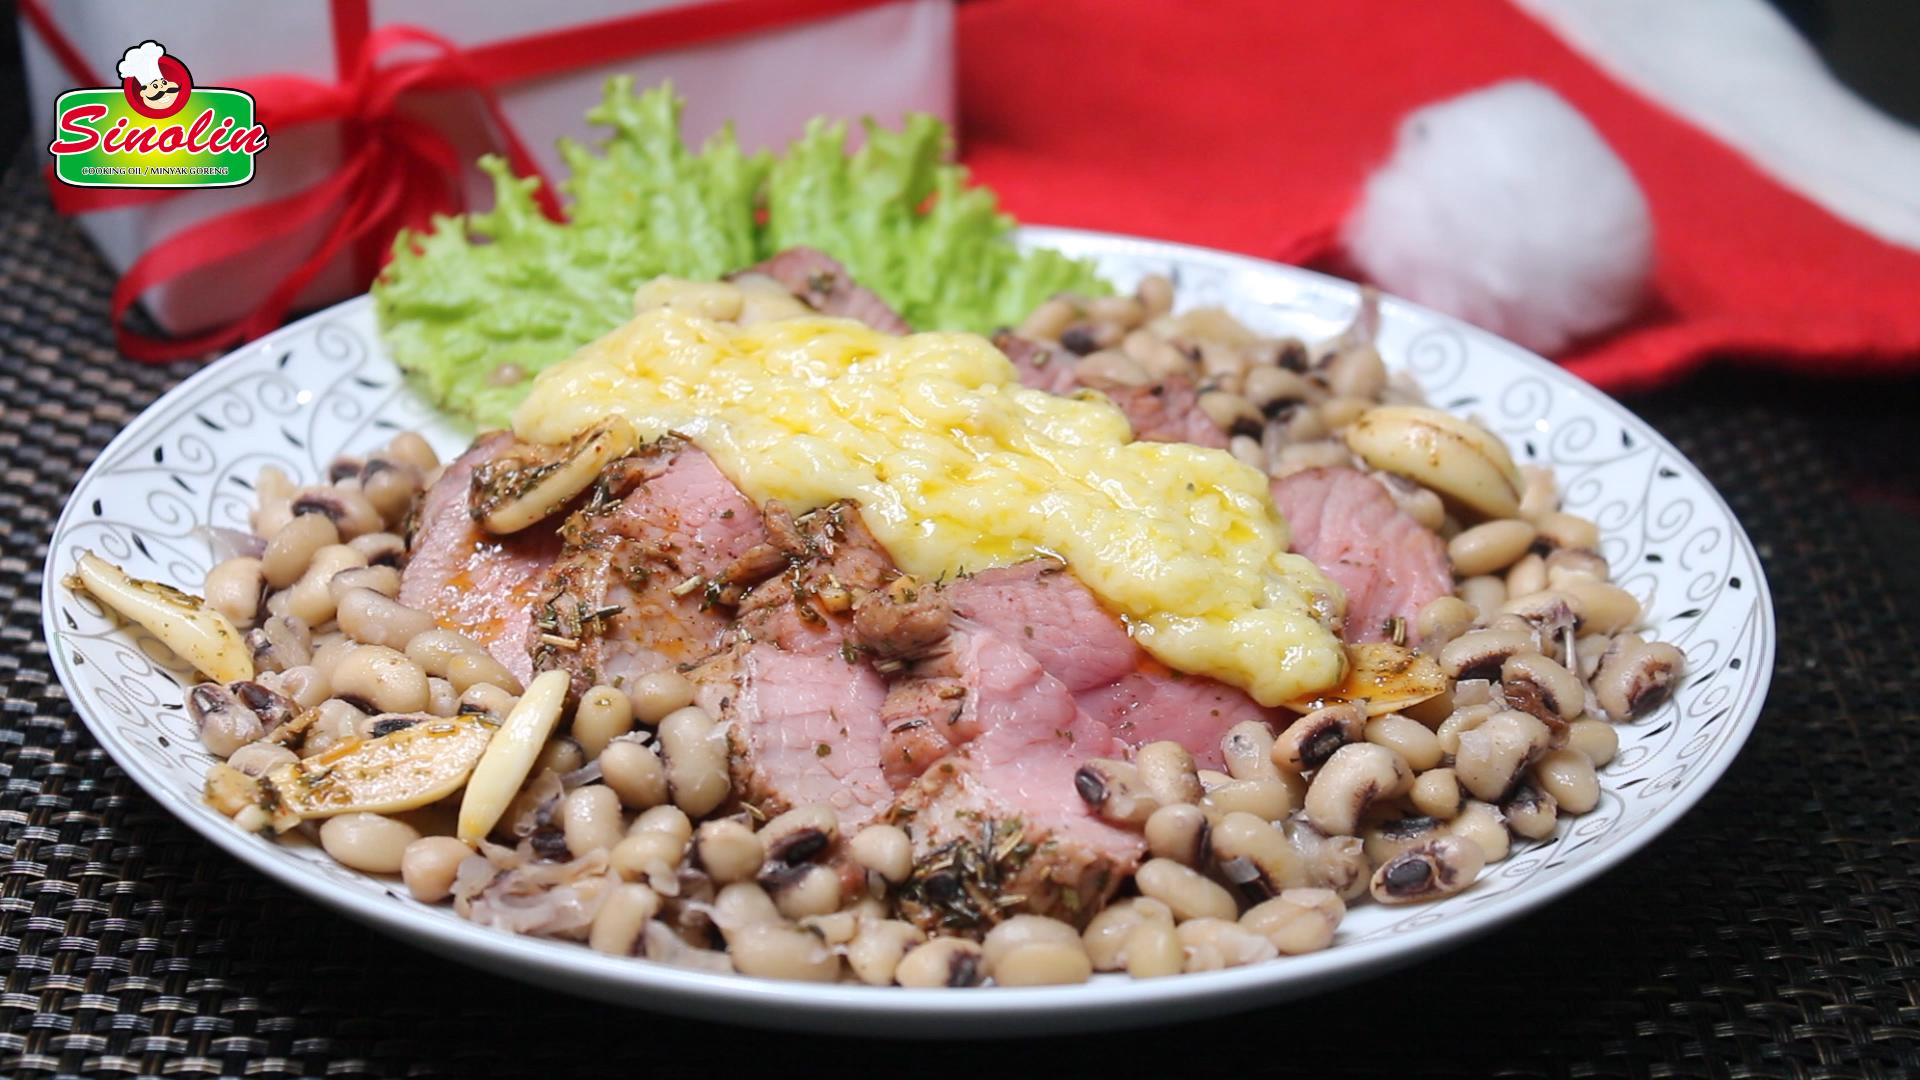 Rosemary Bawang Putih Daging Sapi Panggang Oleh Dapur Sinolin